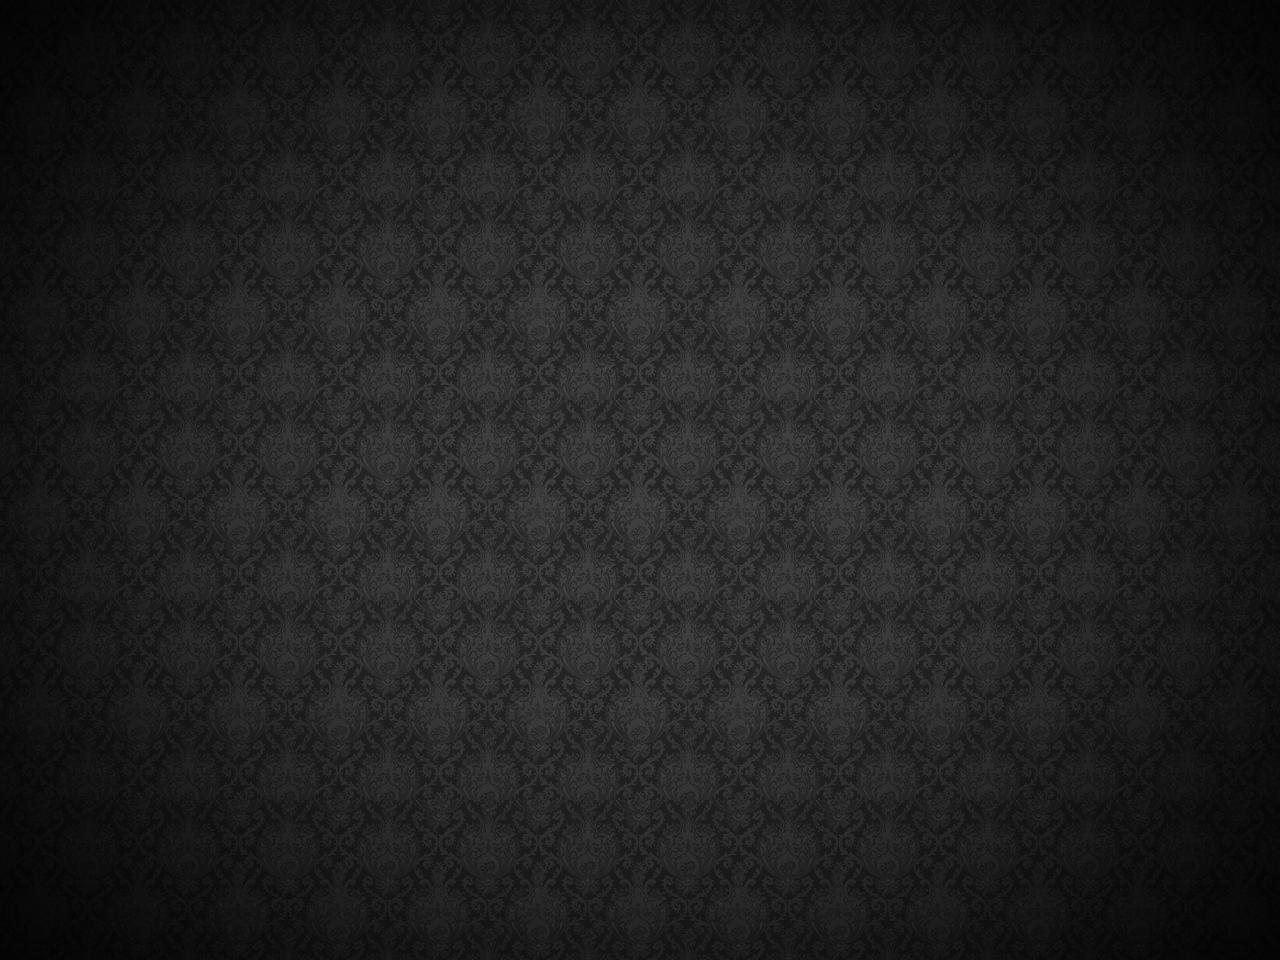 Twilight mystery world I_background